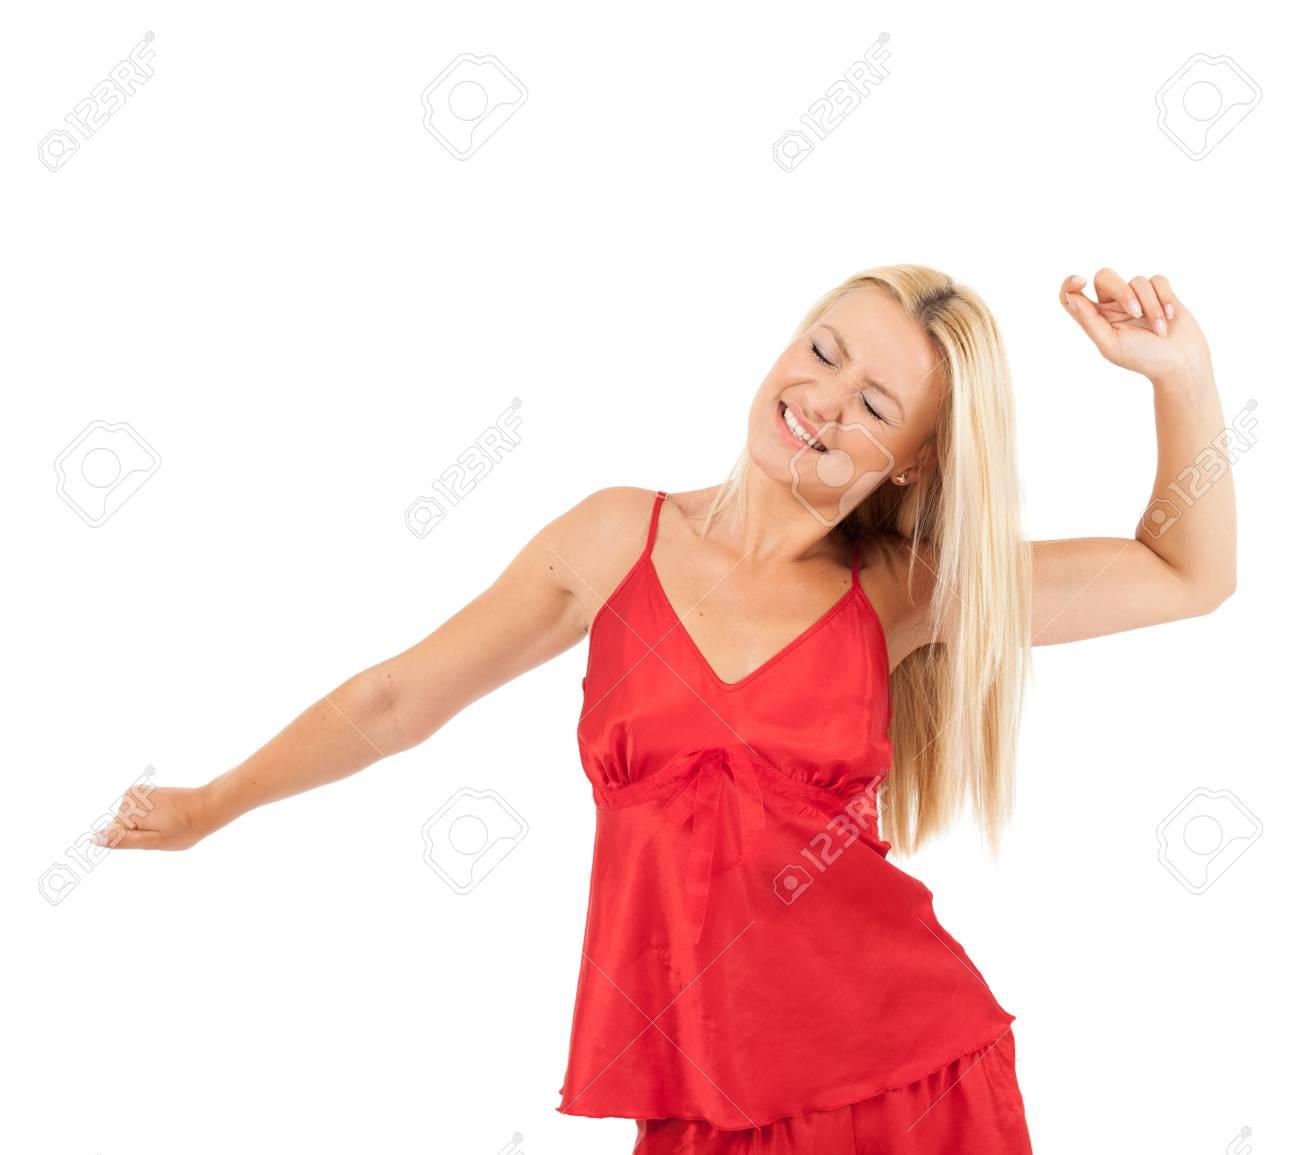 6b66230c0a Foto de archivo - Mujer joven en pijamas rojos sobre fondo blanco